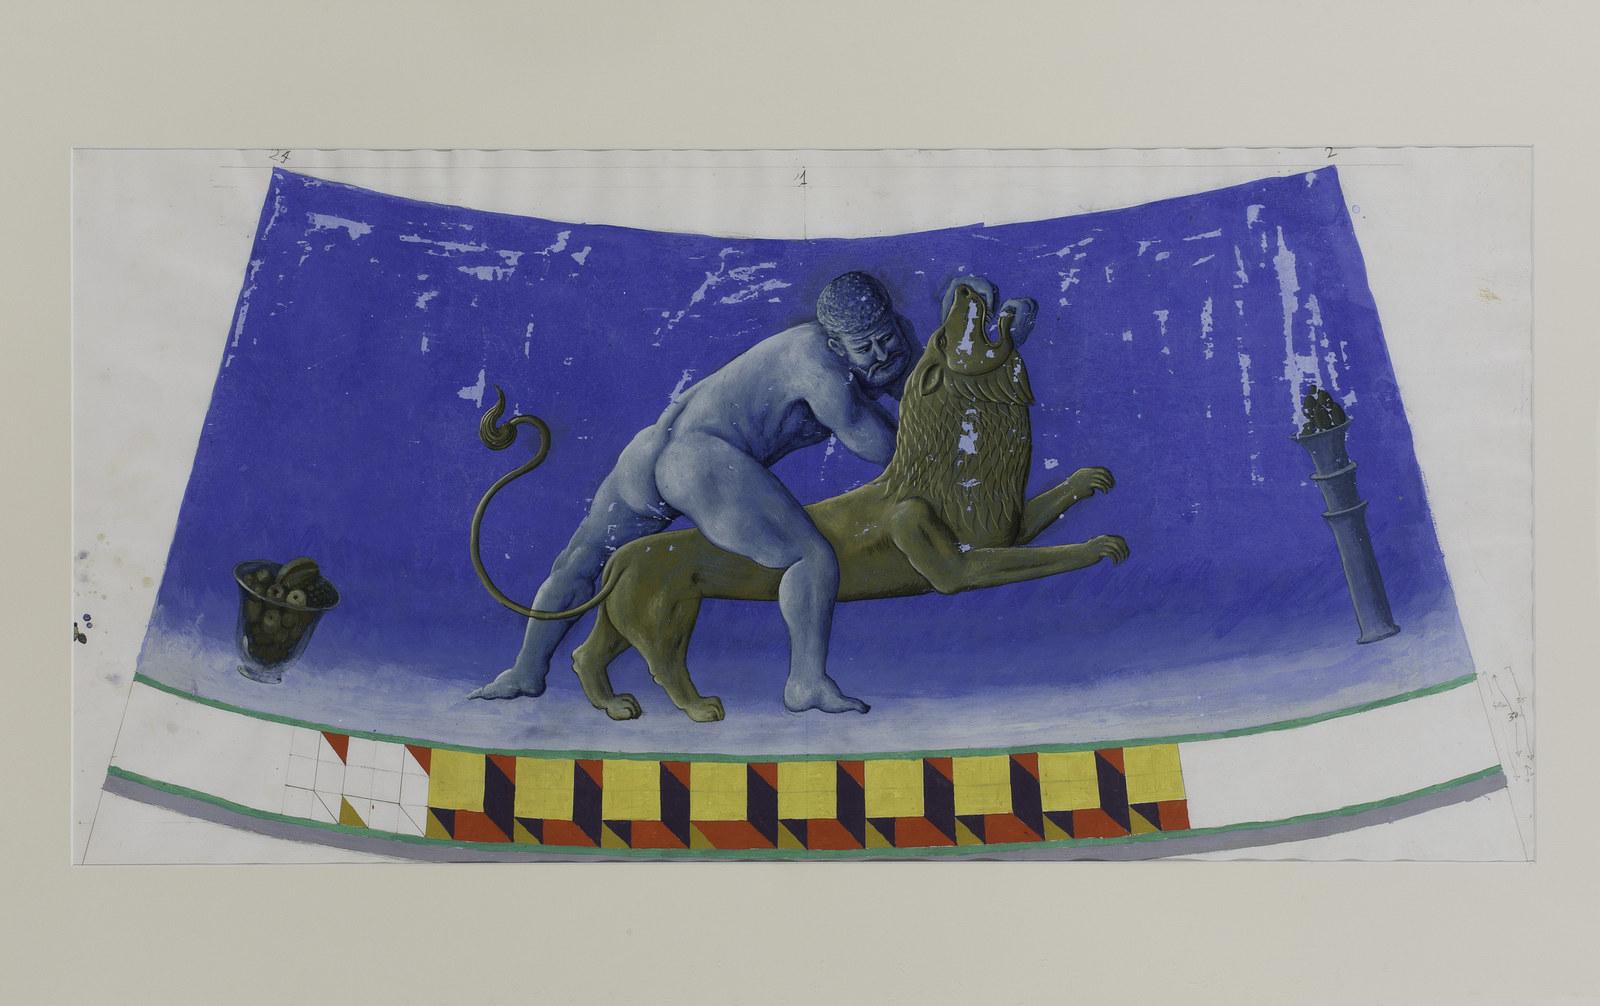 GUPE Leo (Serie Zodiaco), 1991. Grafito sobre papel. 75,5 x 130 x 4 cm